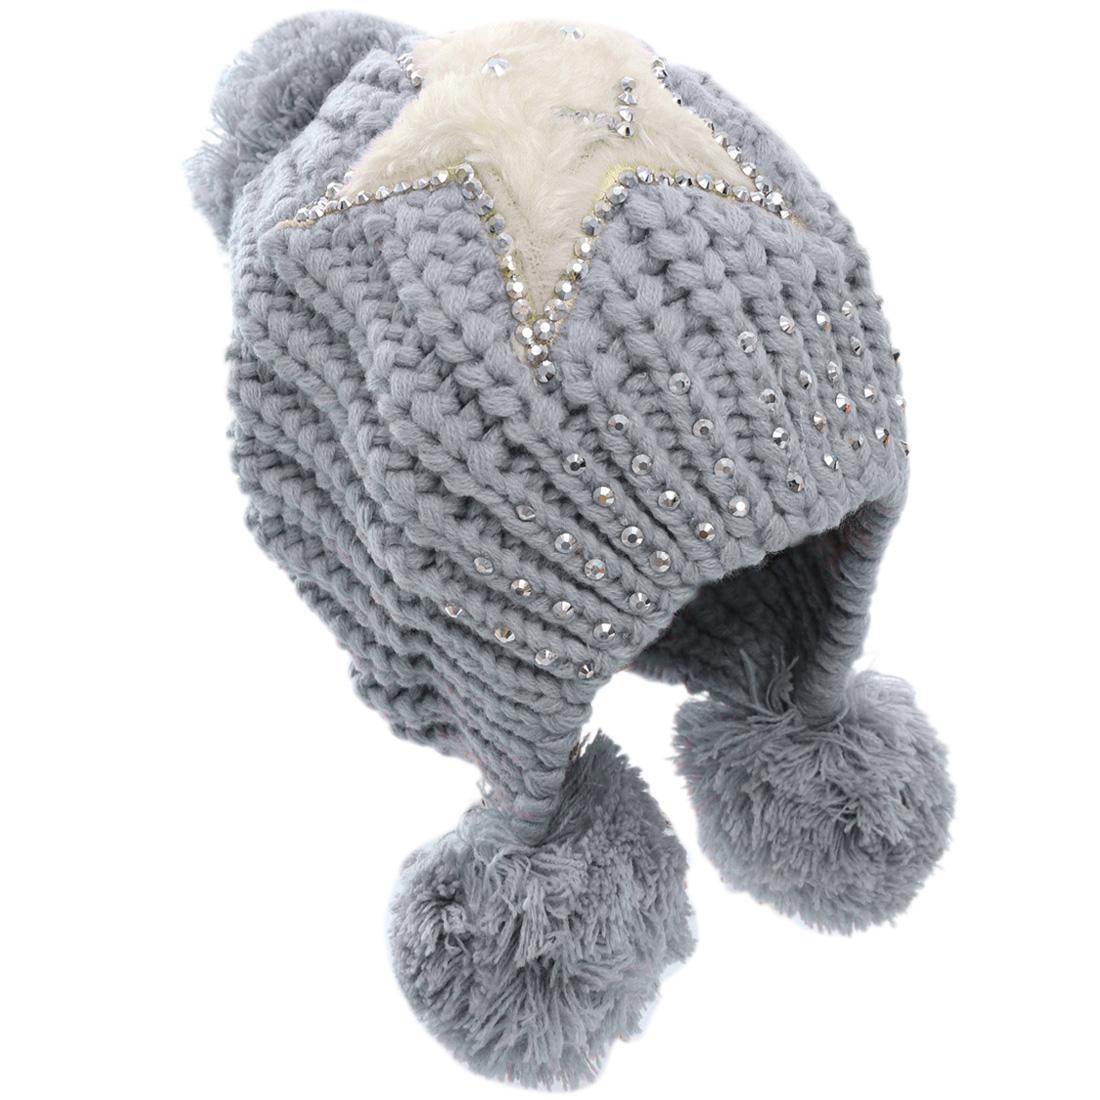 Woman's Fashionable Stars Pattern Studs Decor Gray Knitting Hat